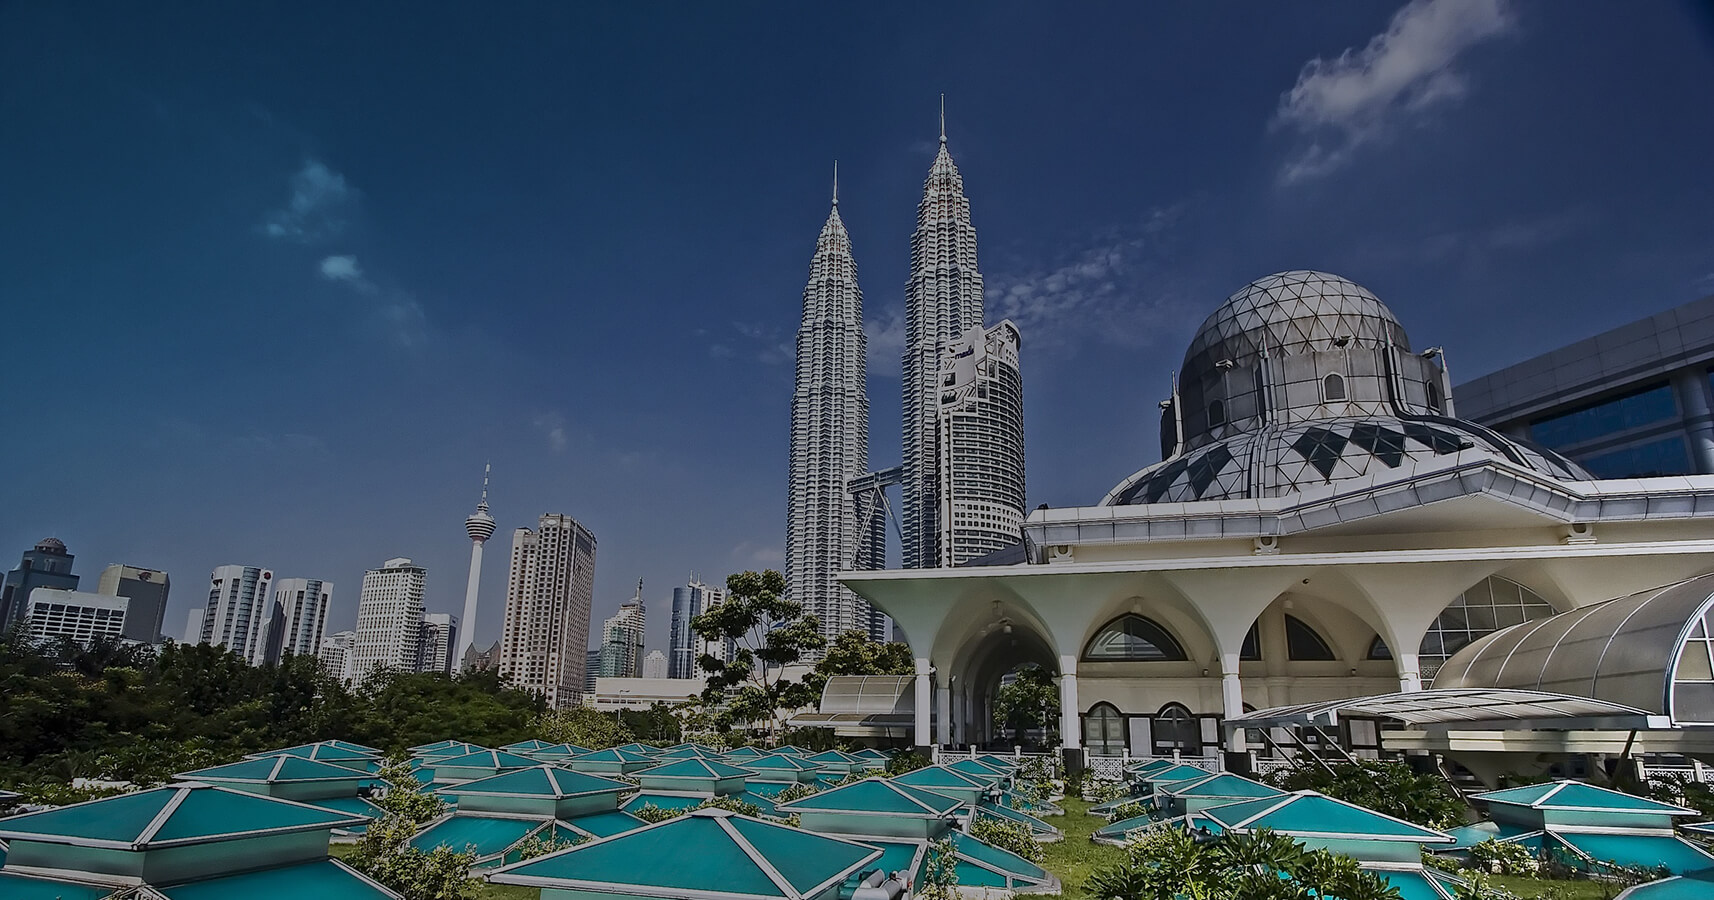 ۱۰ تا از بهترین جاهای دیدنی مالزی برای طبیعت دوستان